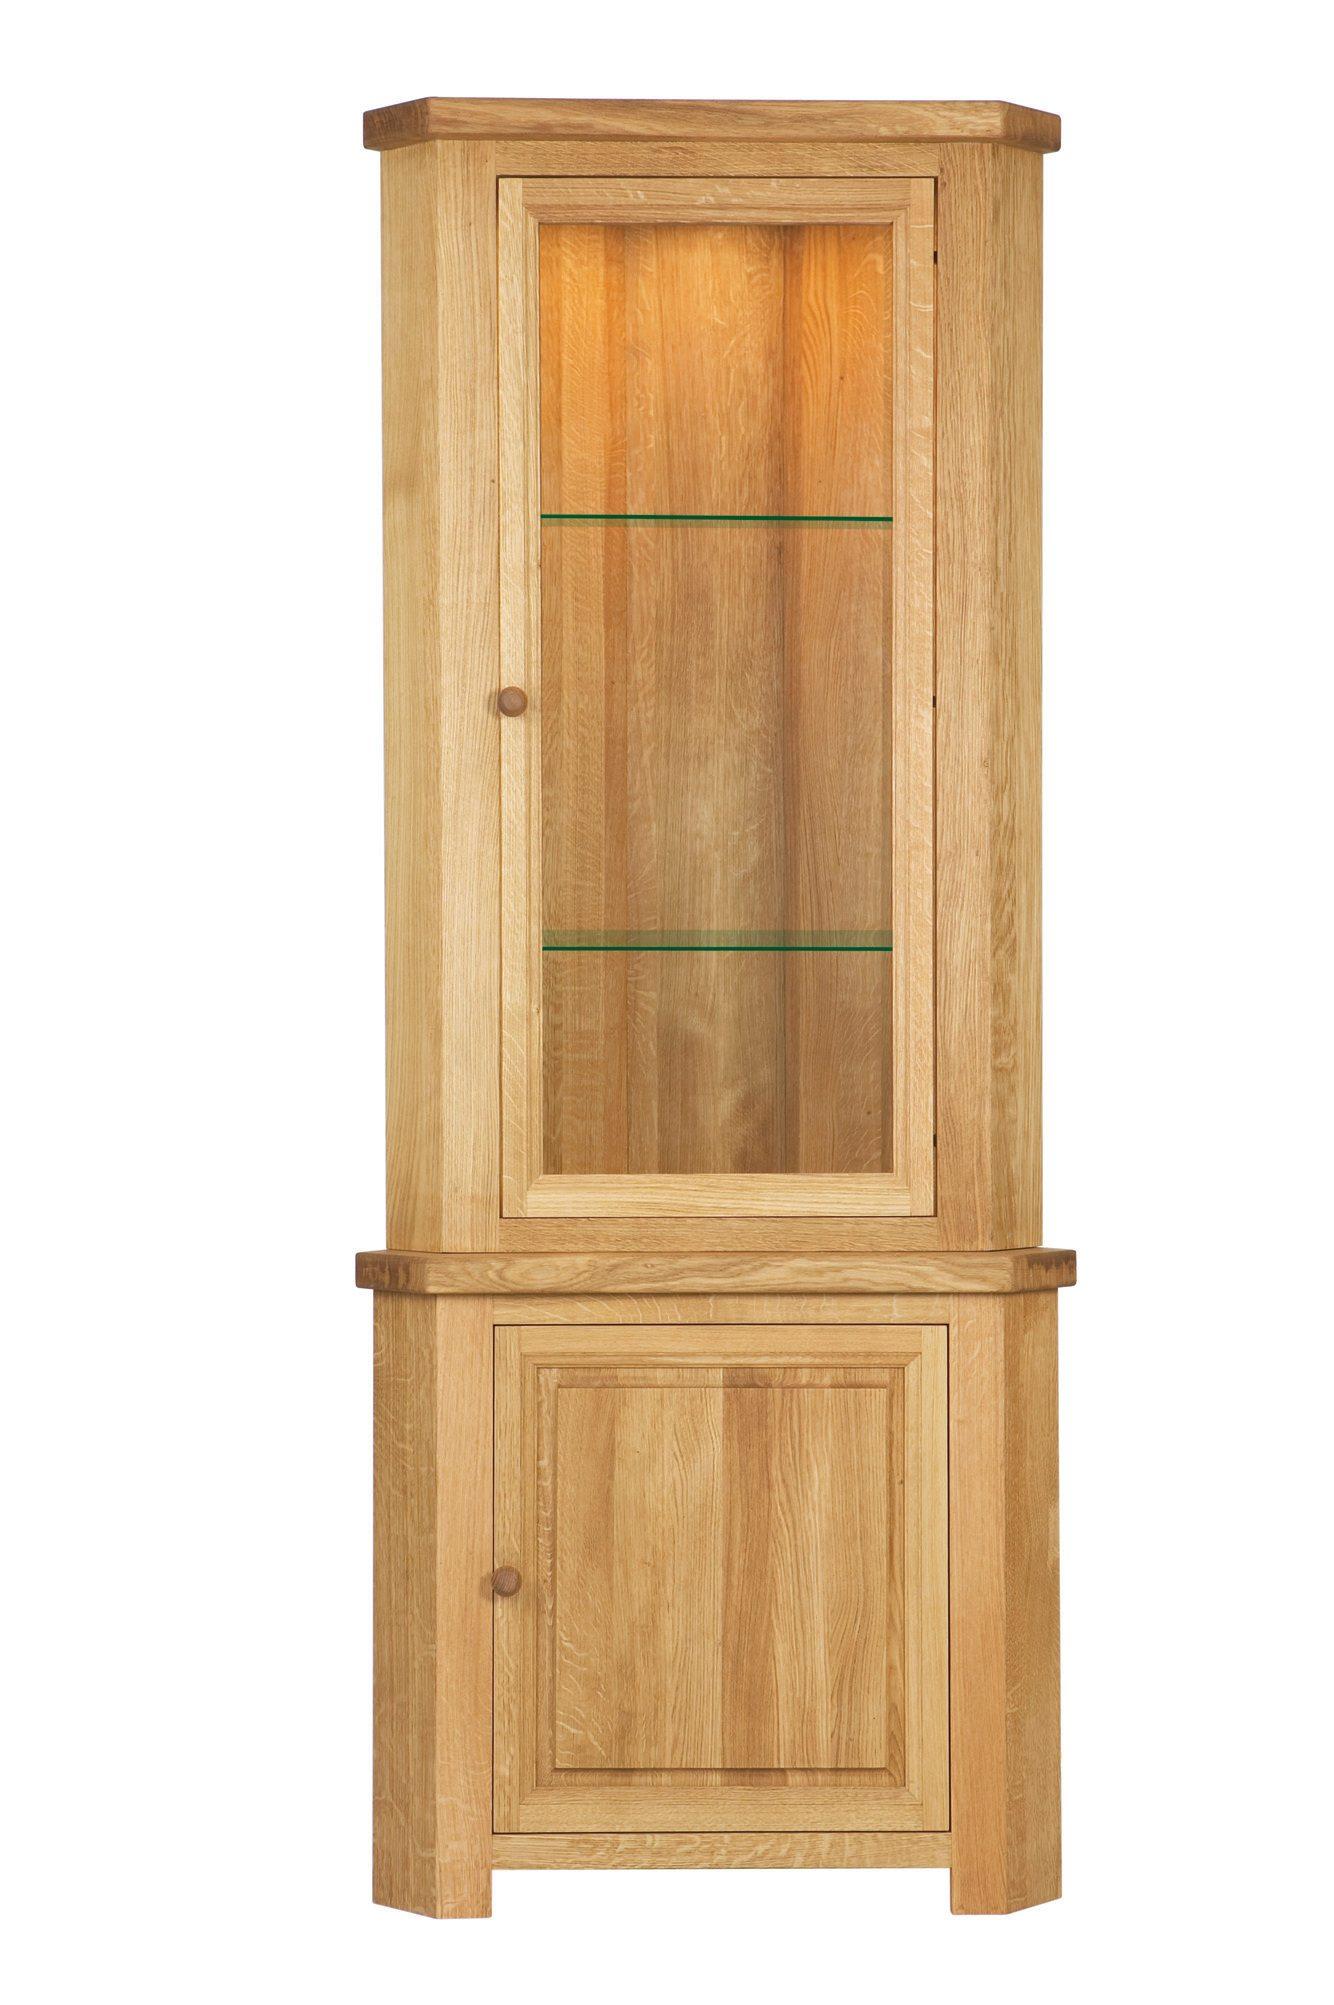 Brampton Oak Corner Display Unit